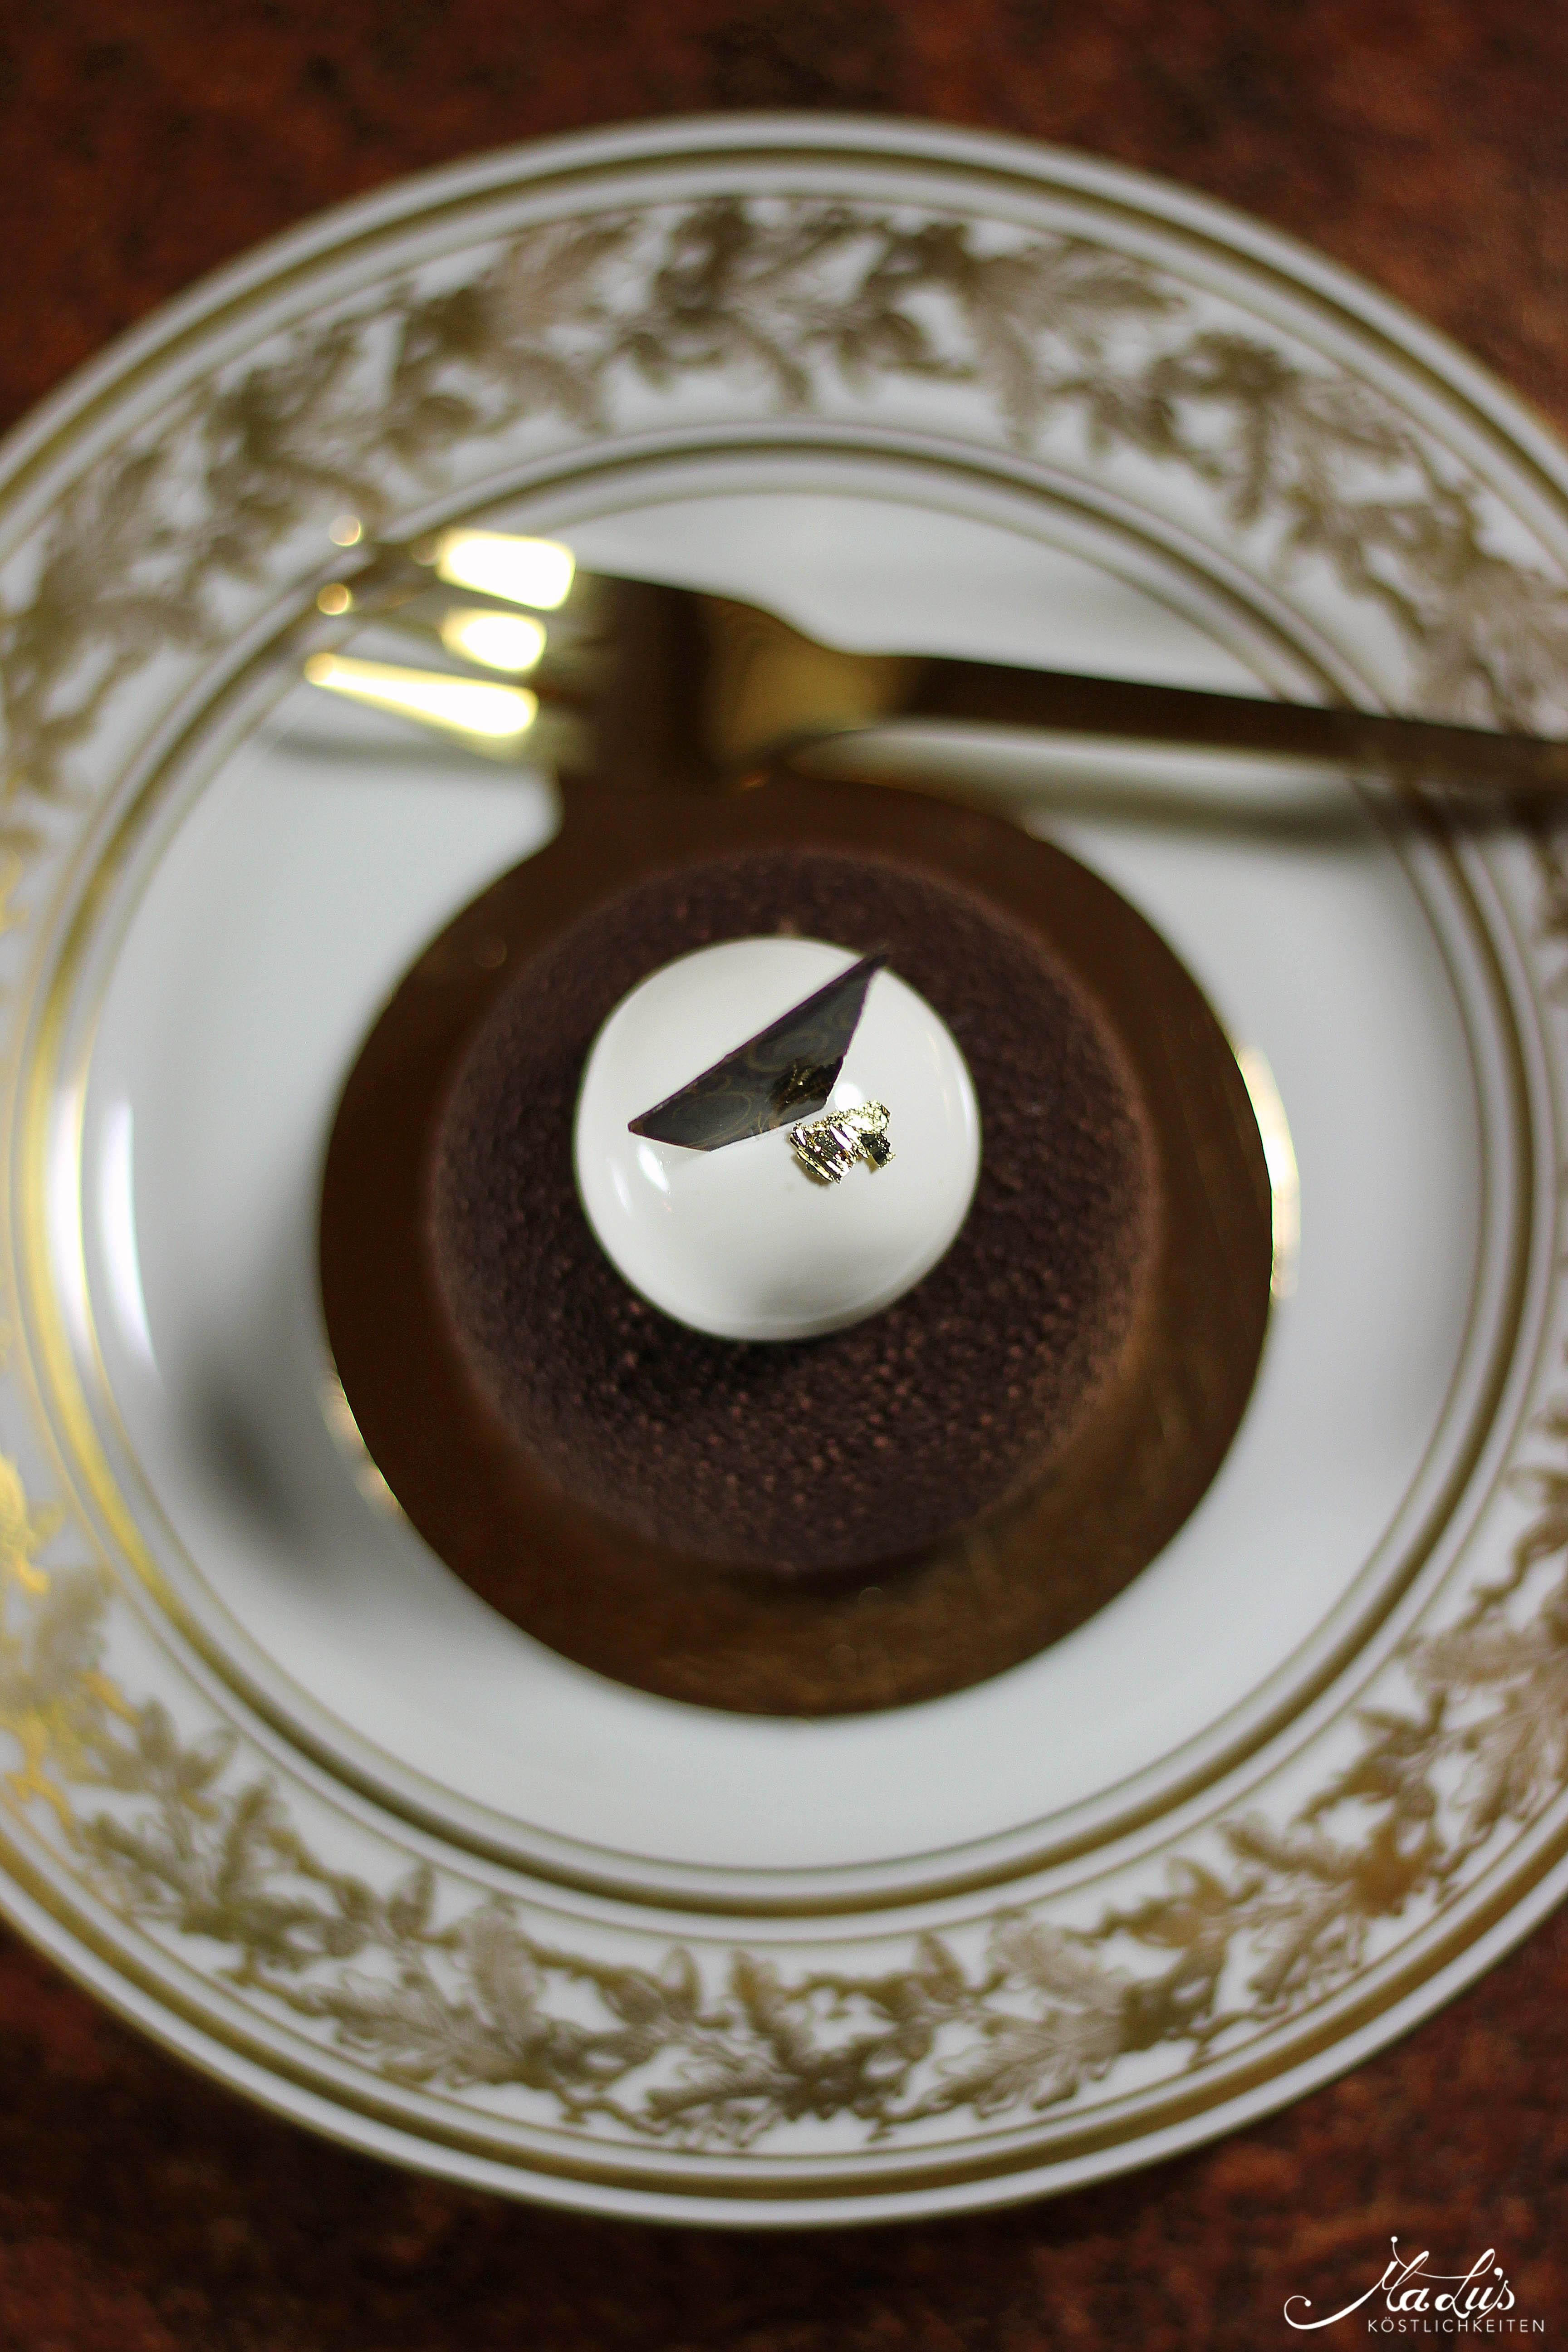 Mousse au chocolat Törtchen mit Timut Pfeffer